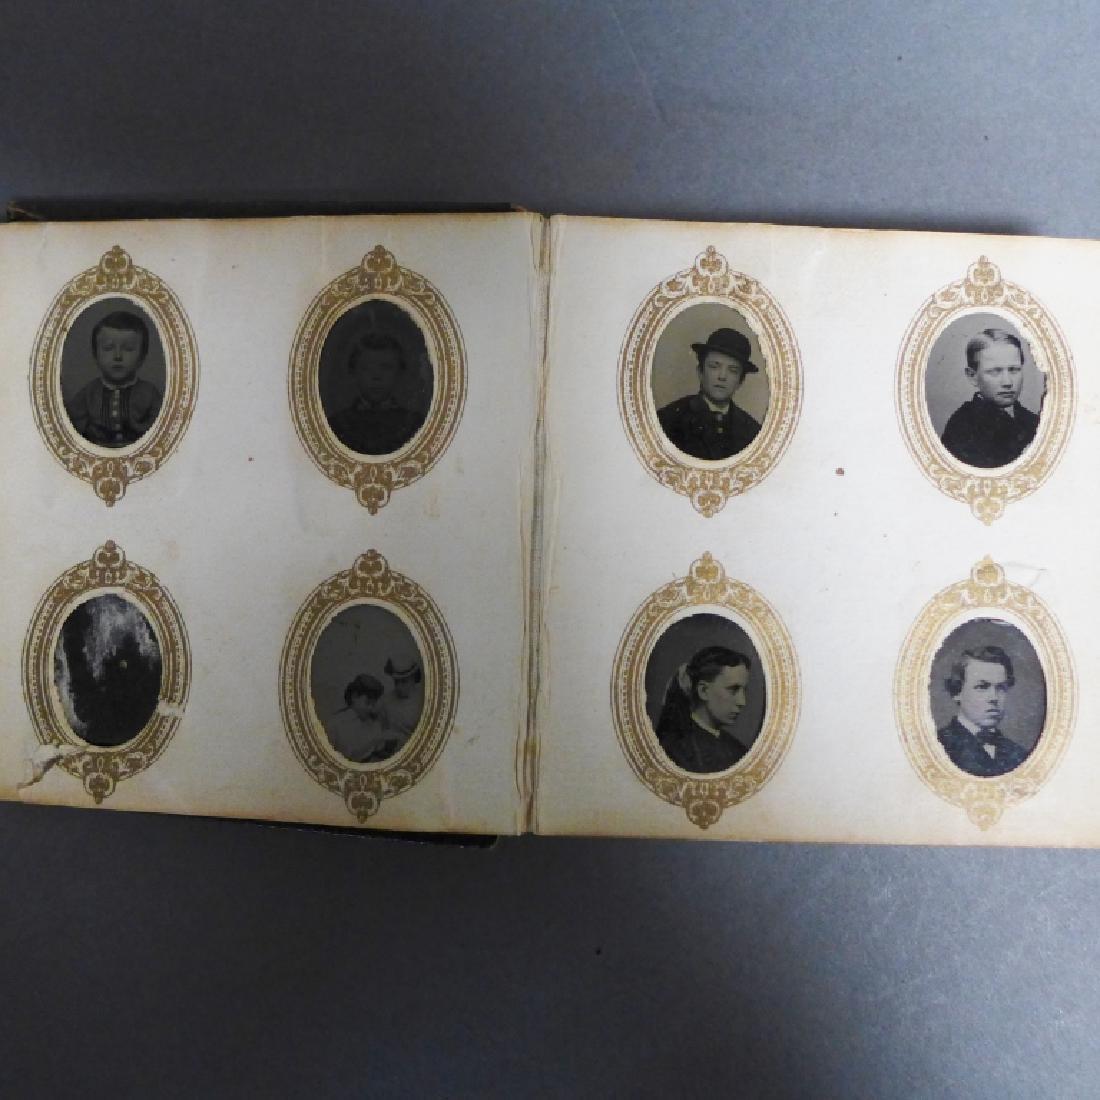 Antique Miniature Tintype Portrait Photo Album - 3